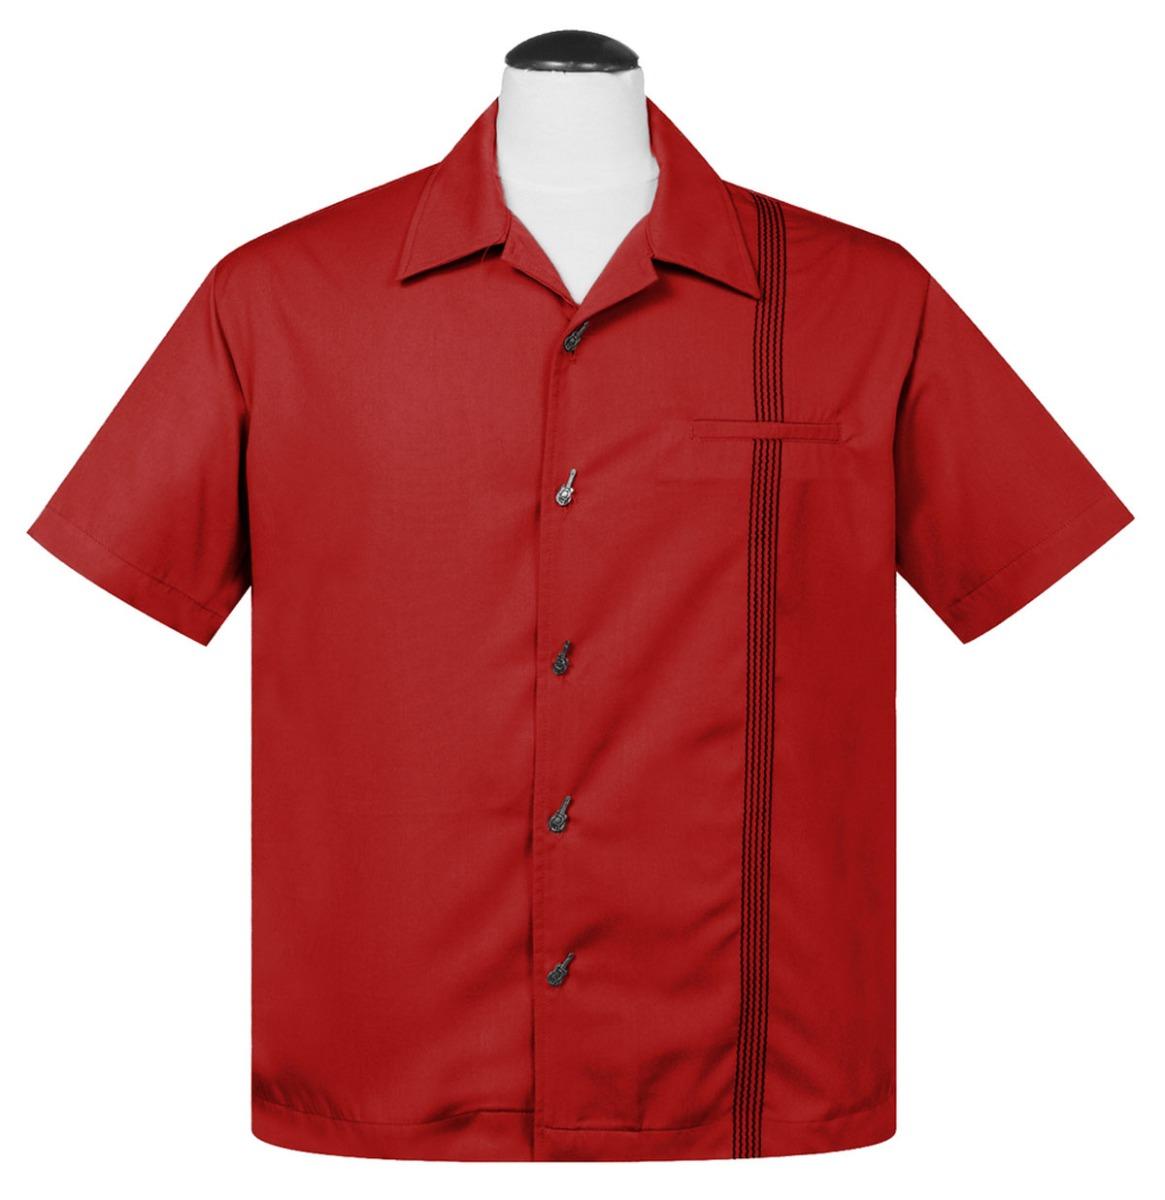 Six String Shirt Red